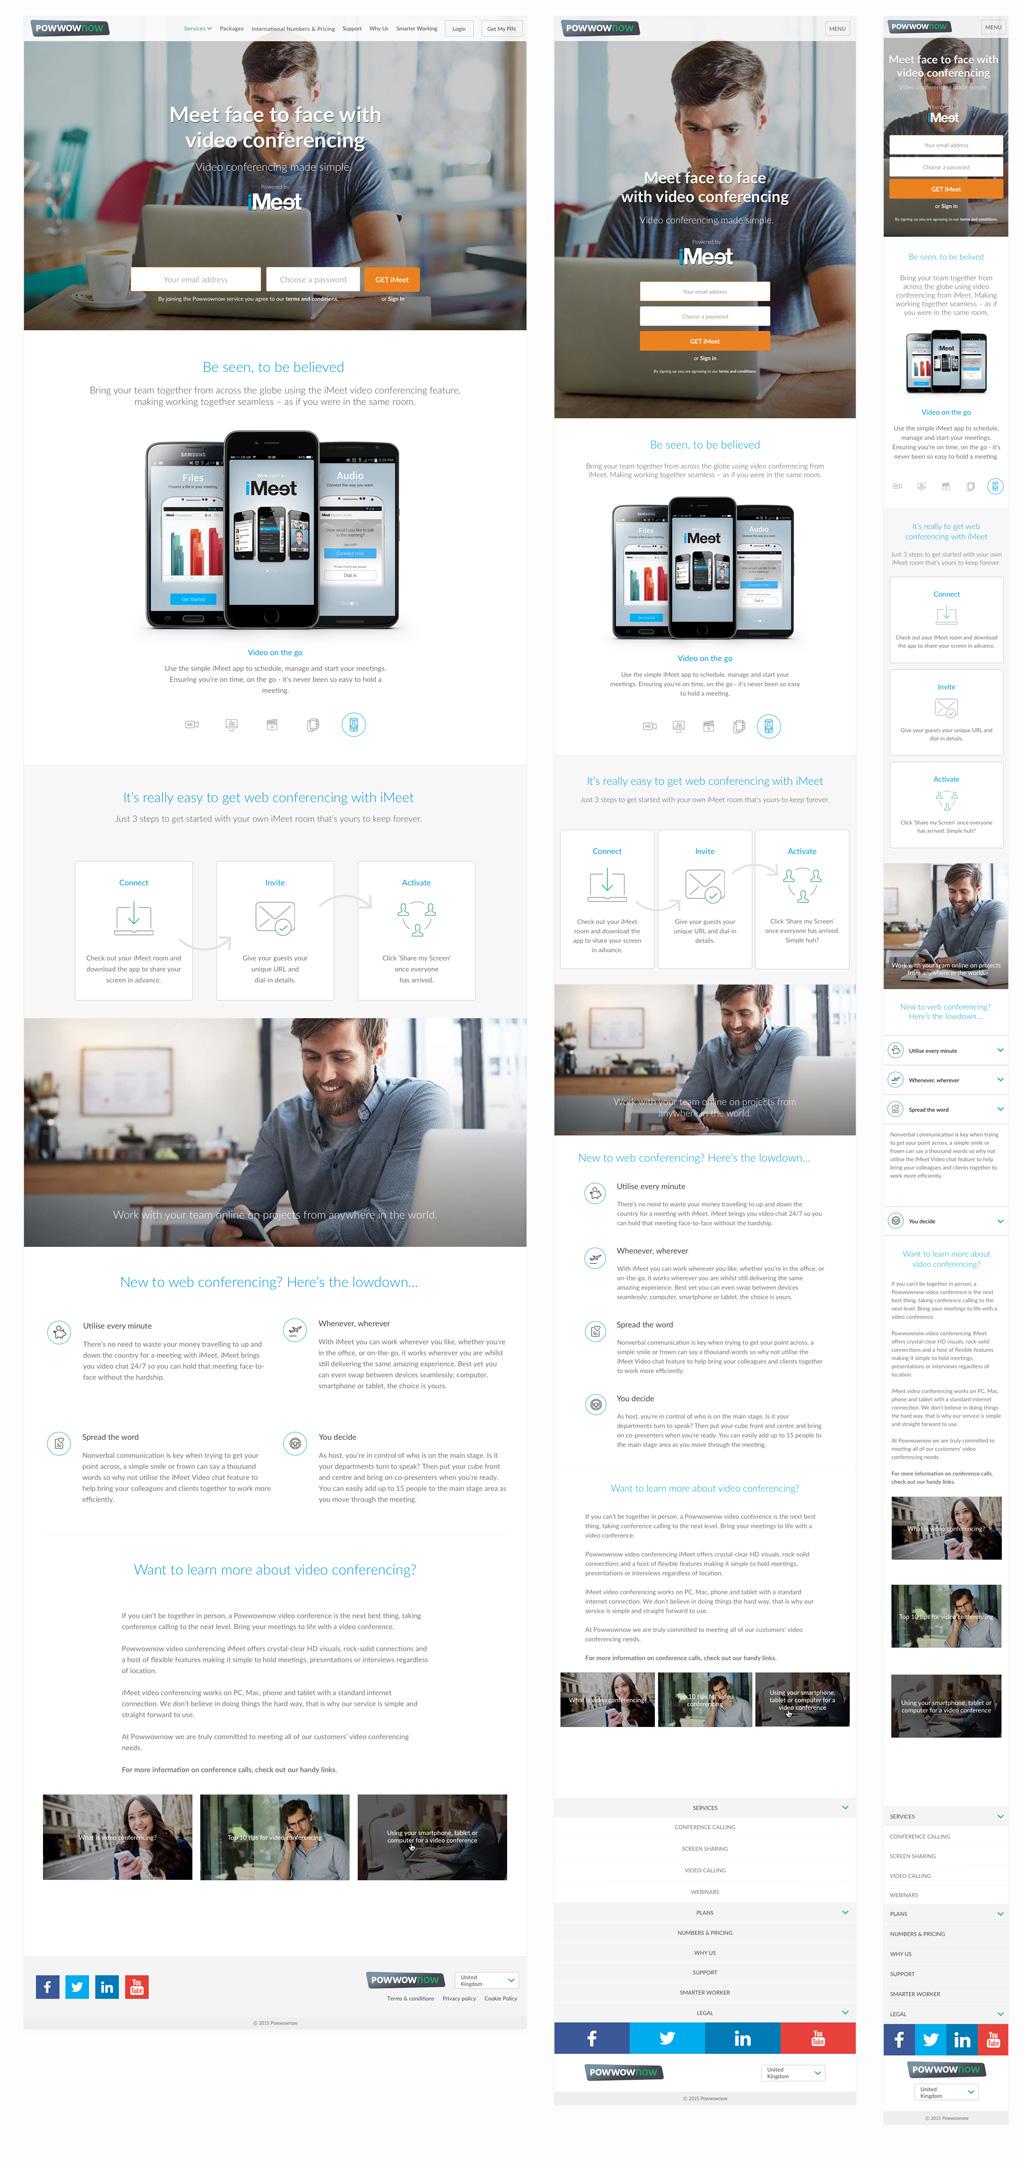 Responsive Web Design Desktop Tablet Mobile Video Conference Page